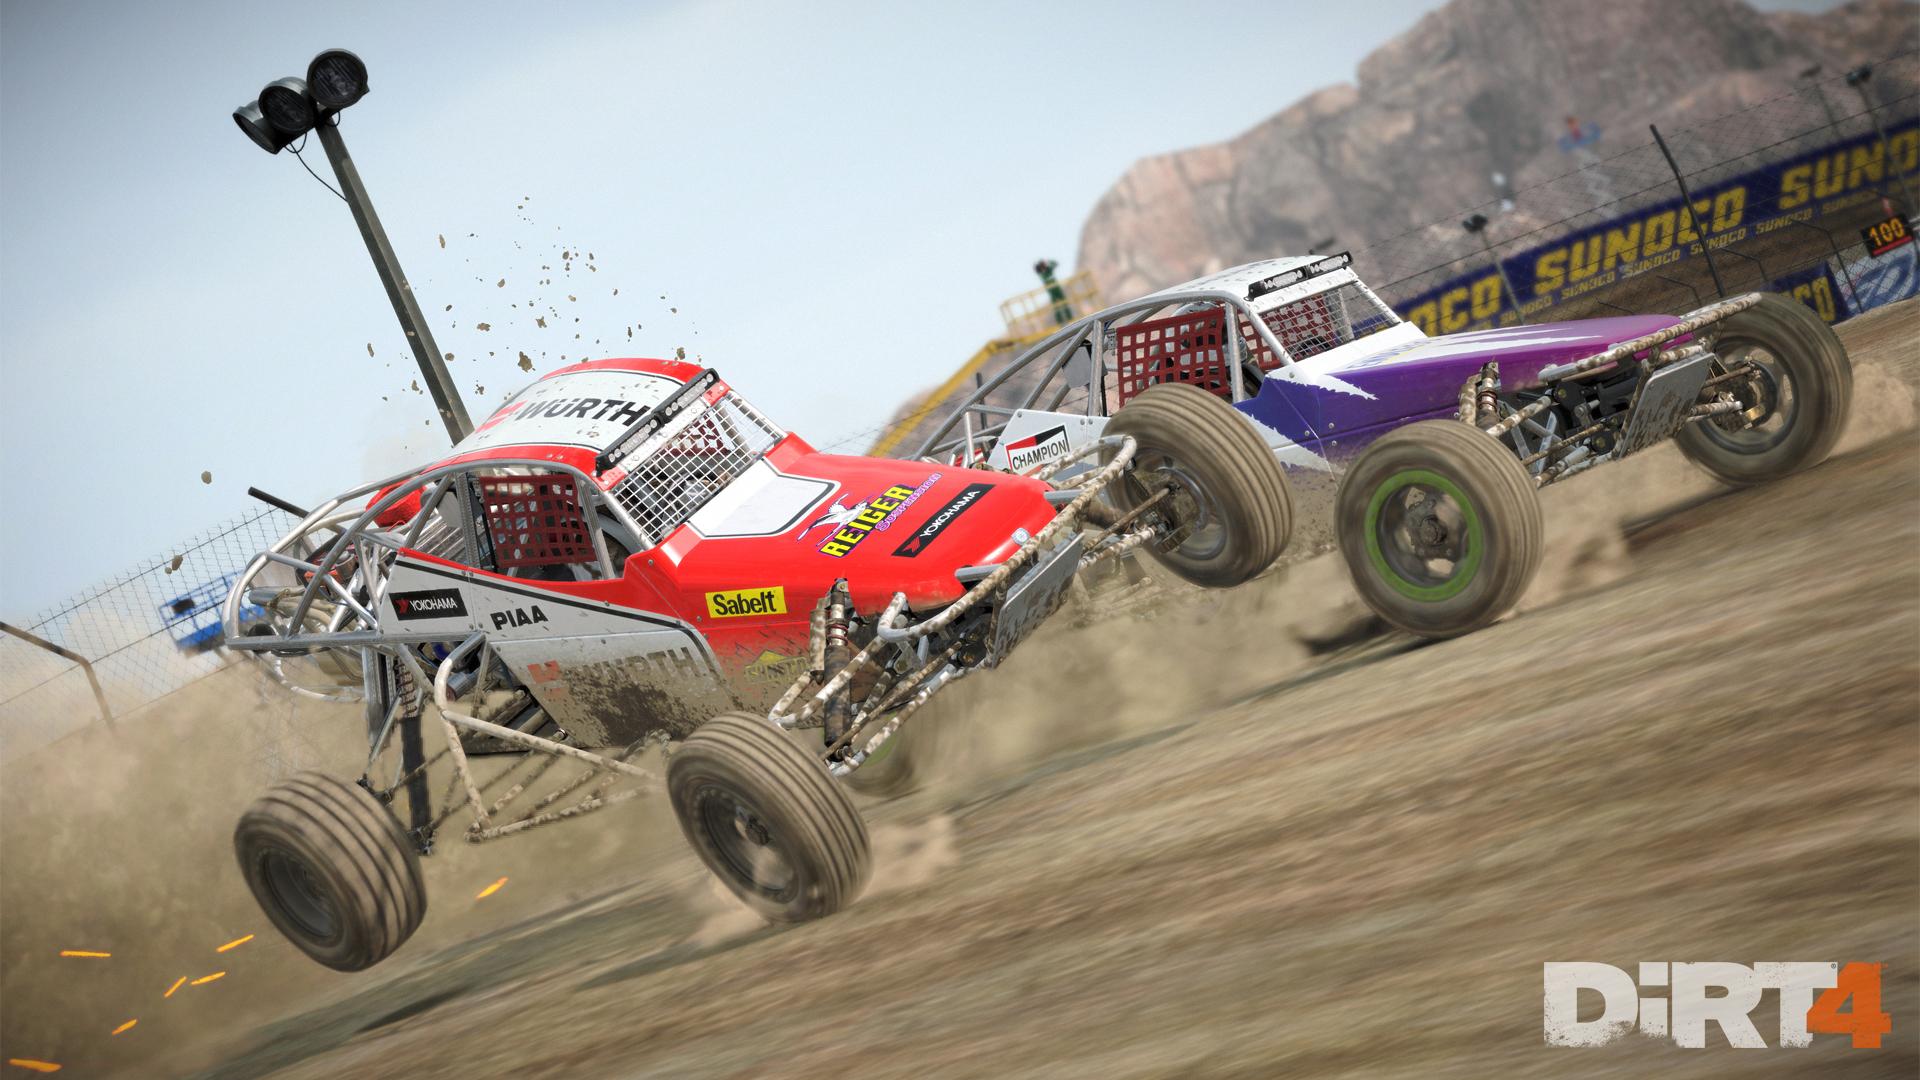 Dirt 4 release date